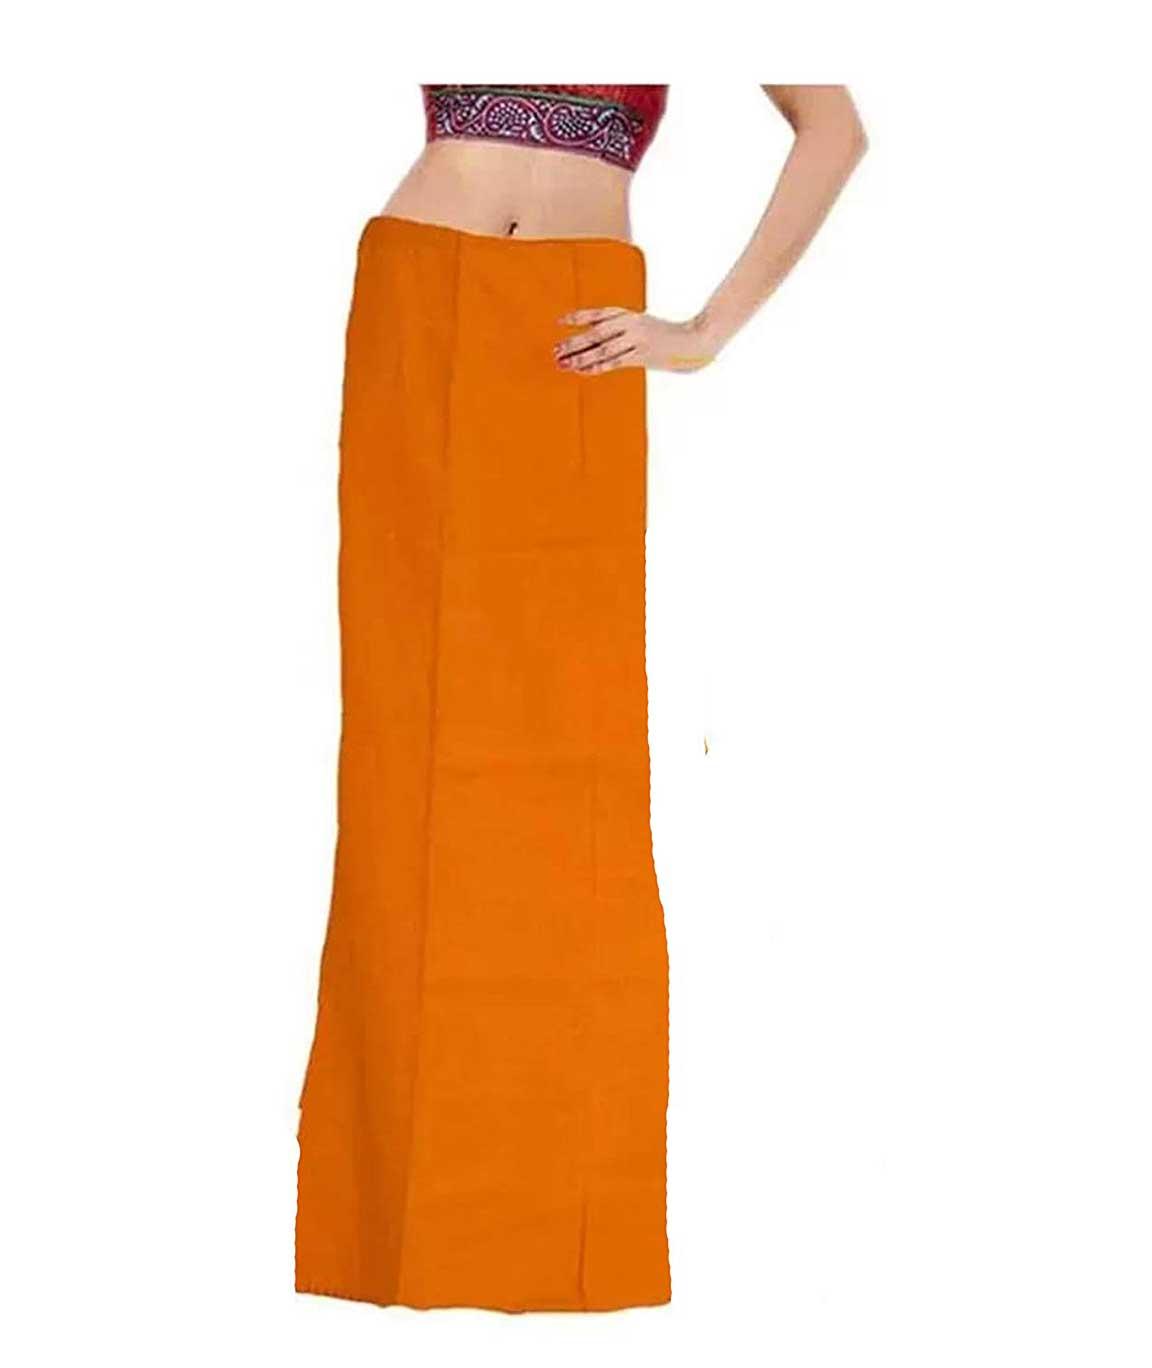 Vestiario Women`s Cotton Petticoats (Multicolour, Free Size) -Combo of 4